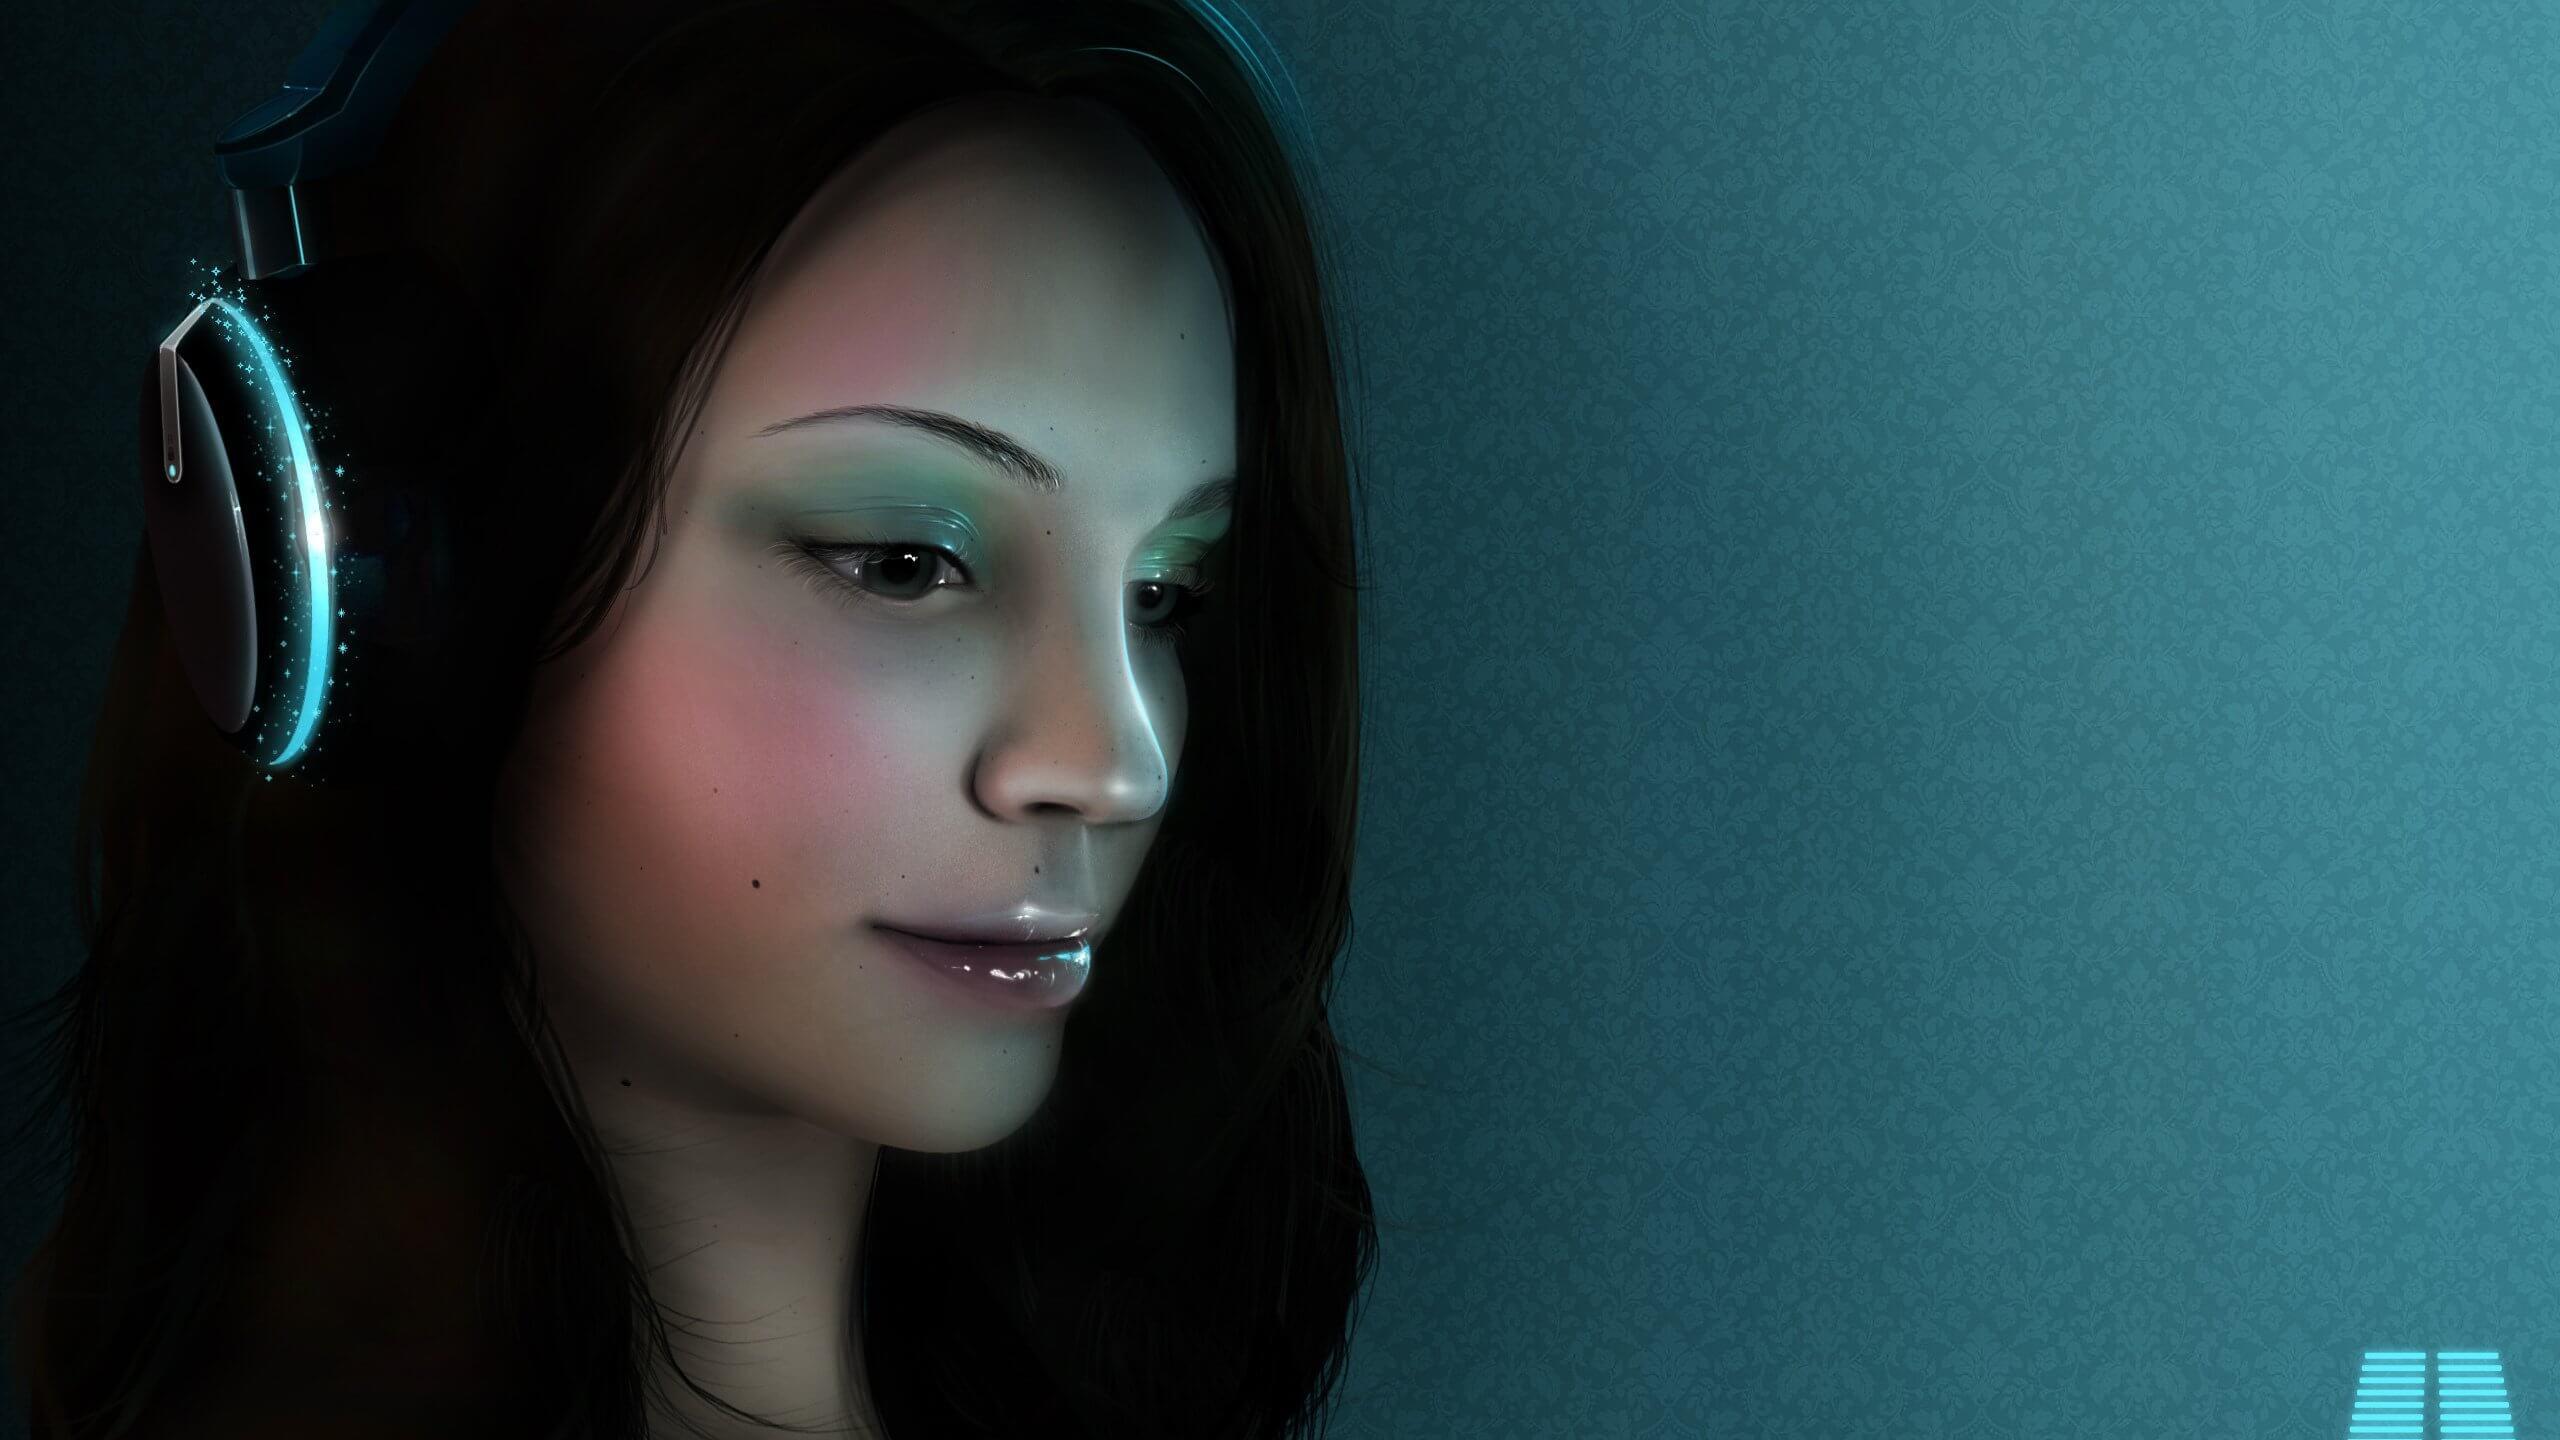 Прикольные картинки девушка и музыка, лучшие обои, фото (26 штук) 18